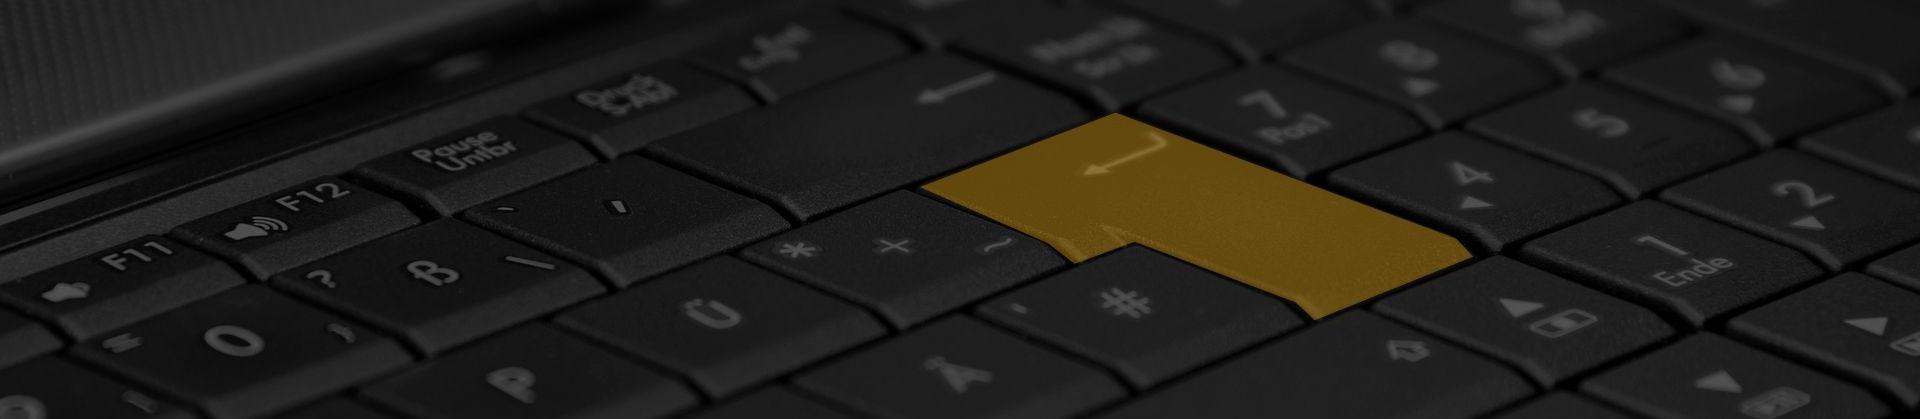 background_teclado_tecla_Enter-dourada__CHAPEU